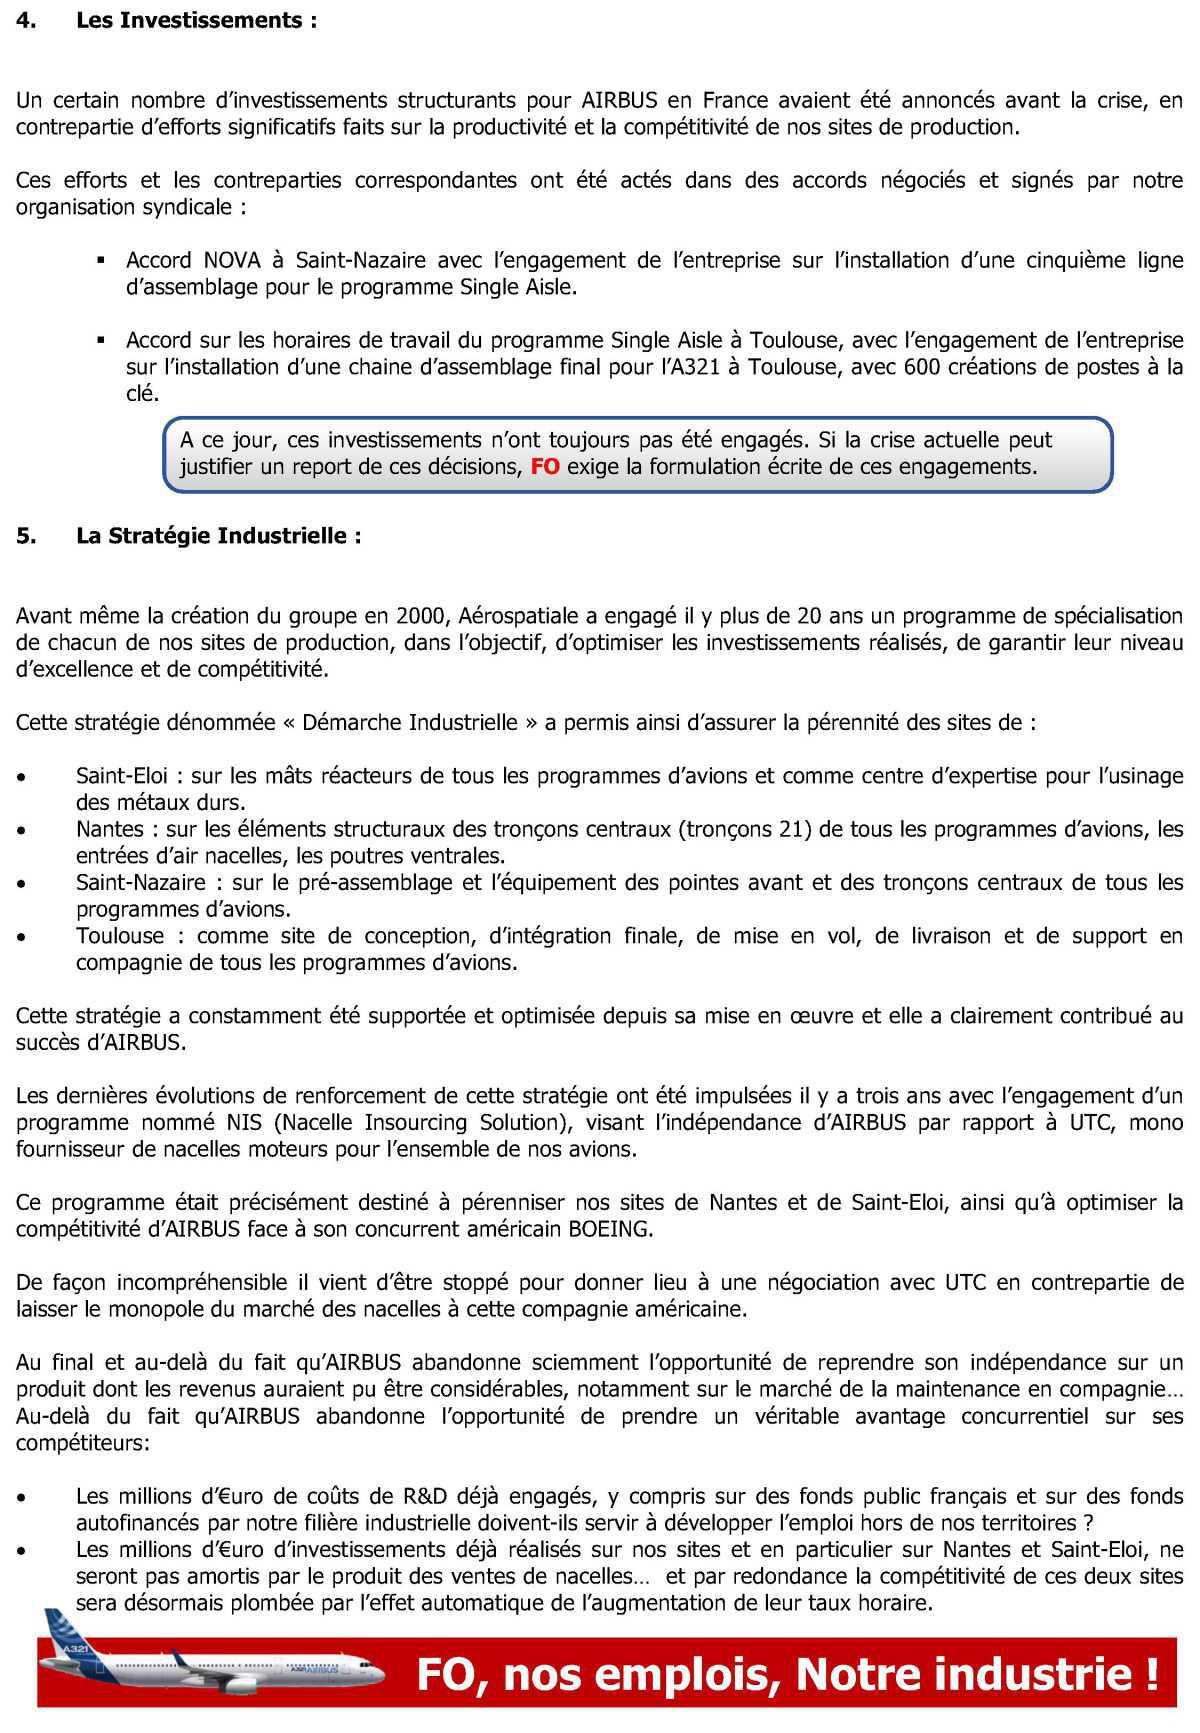 Projet ODYSSEY, les Enjeux, la Stratégie, les questions portées par FO